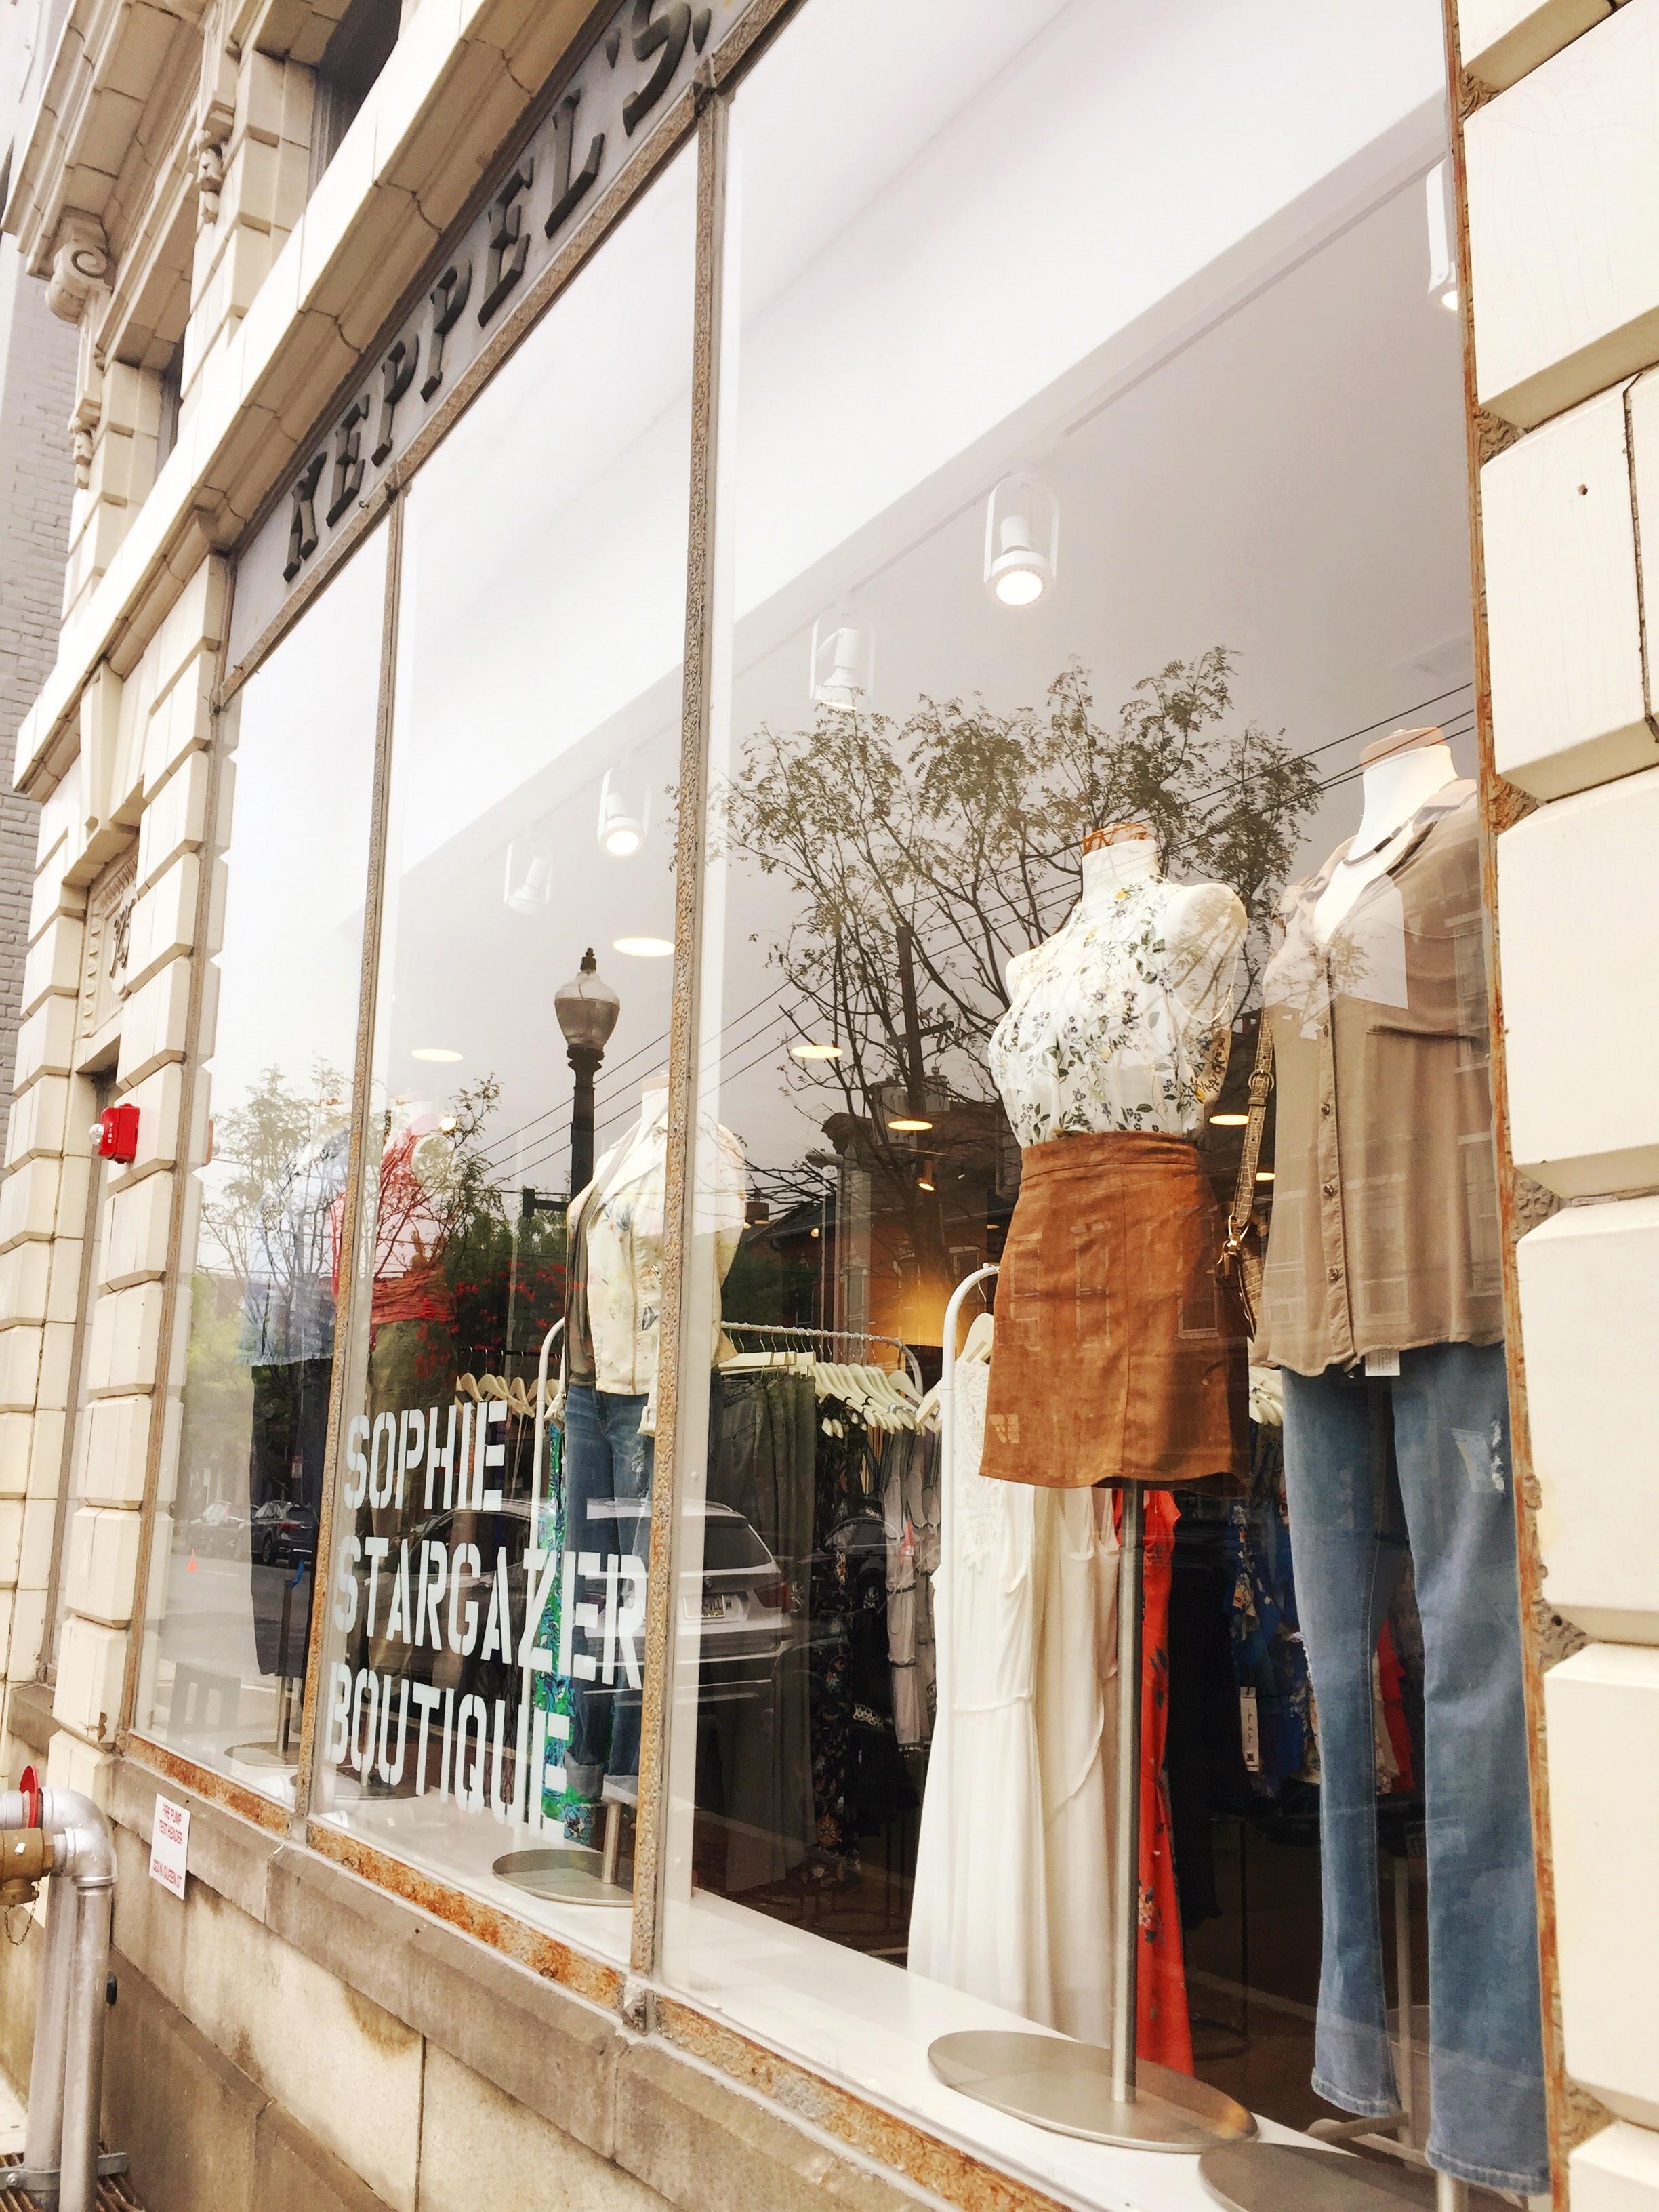 Sophie Stargazer Storefront on North Queen Street